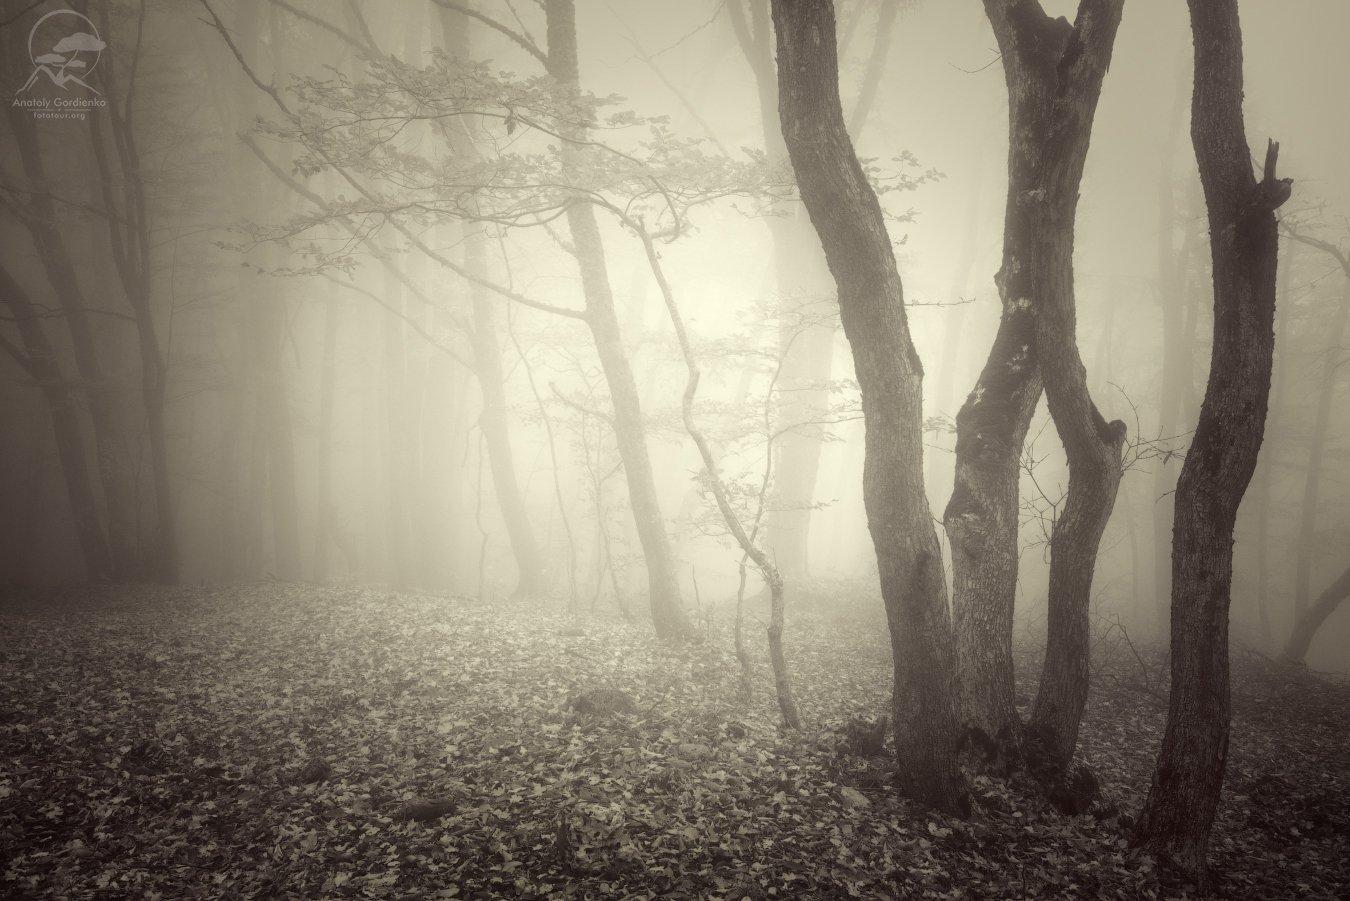 пейзаж, природа, лес, туман, осень, крым, демерджи, Анатолий Гордиенко www.fototour.org